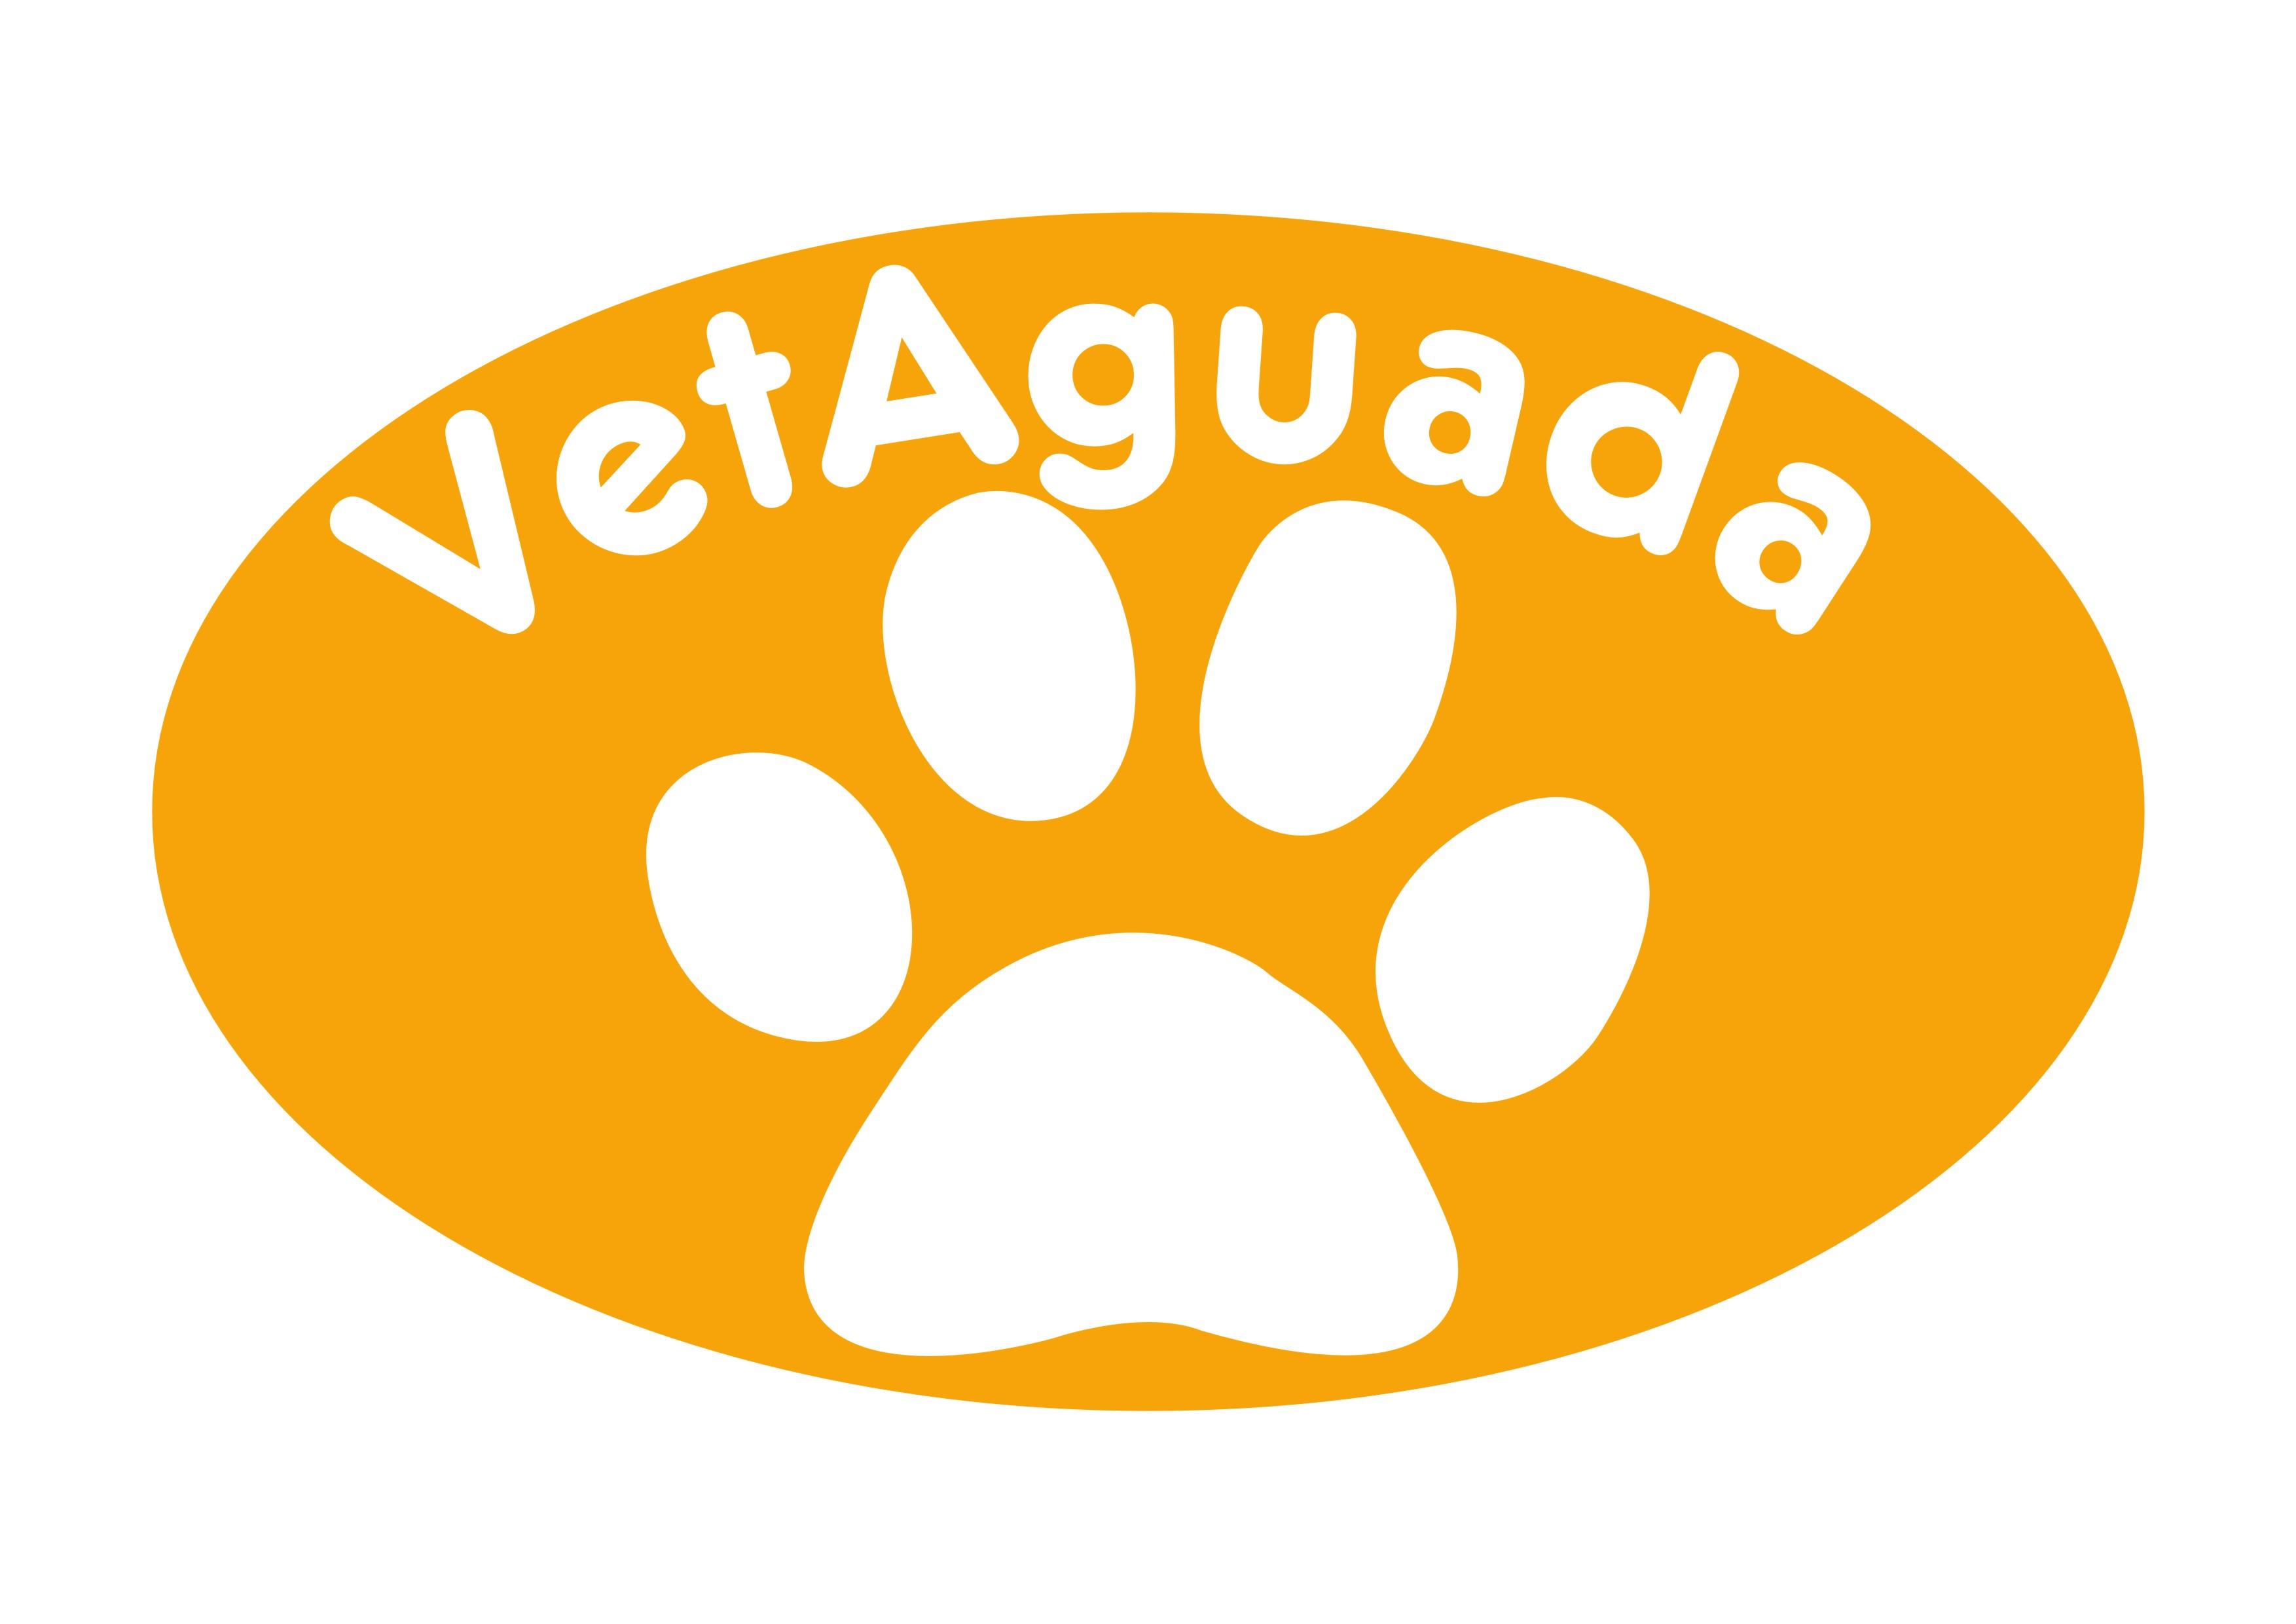 logotipo vetaguada